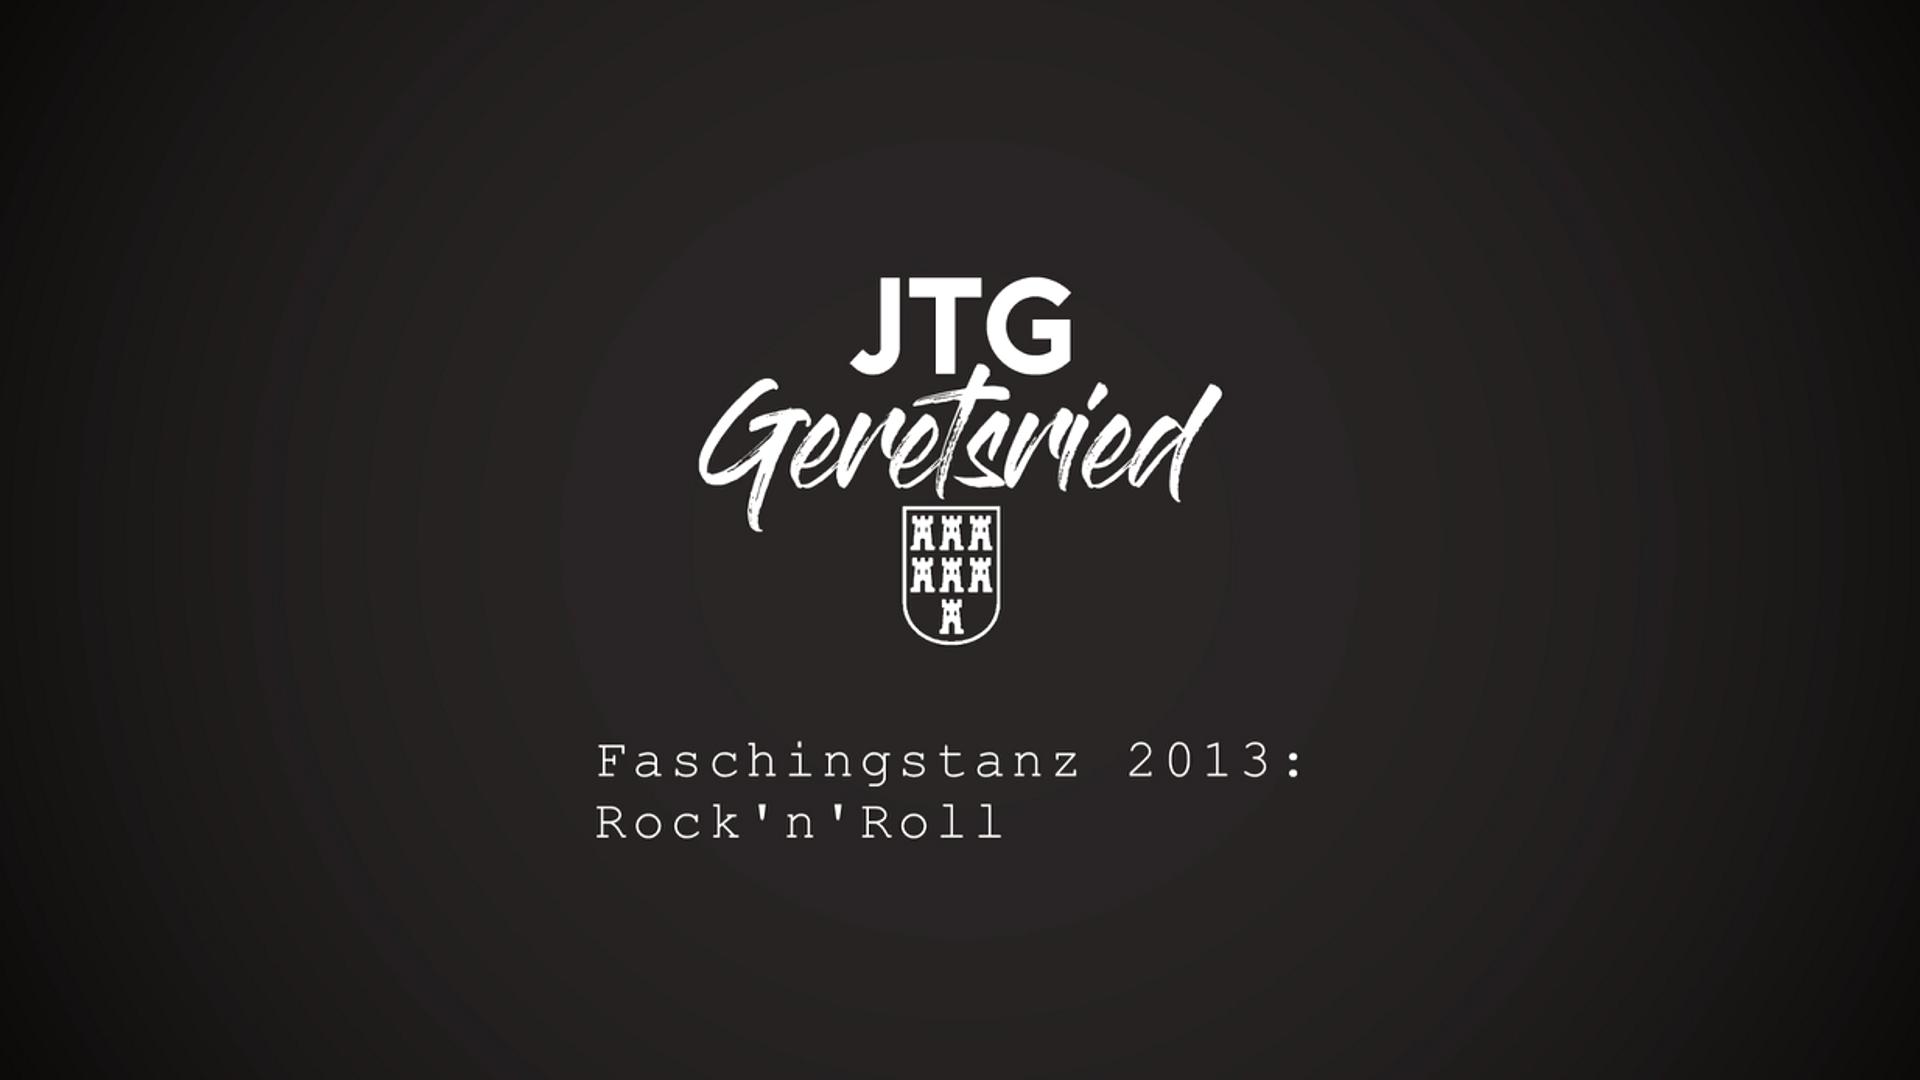 Faschingstanz 2013: Rock'n'Roll